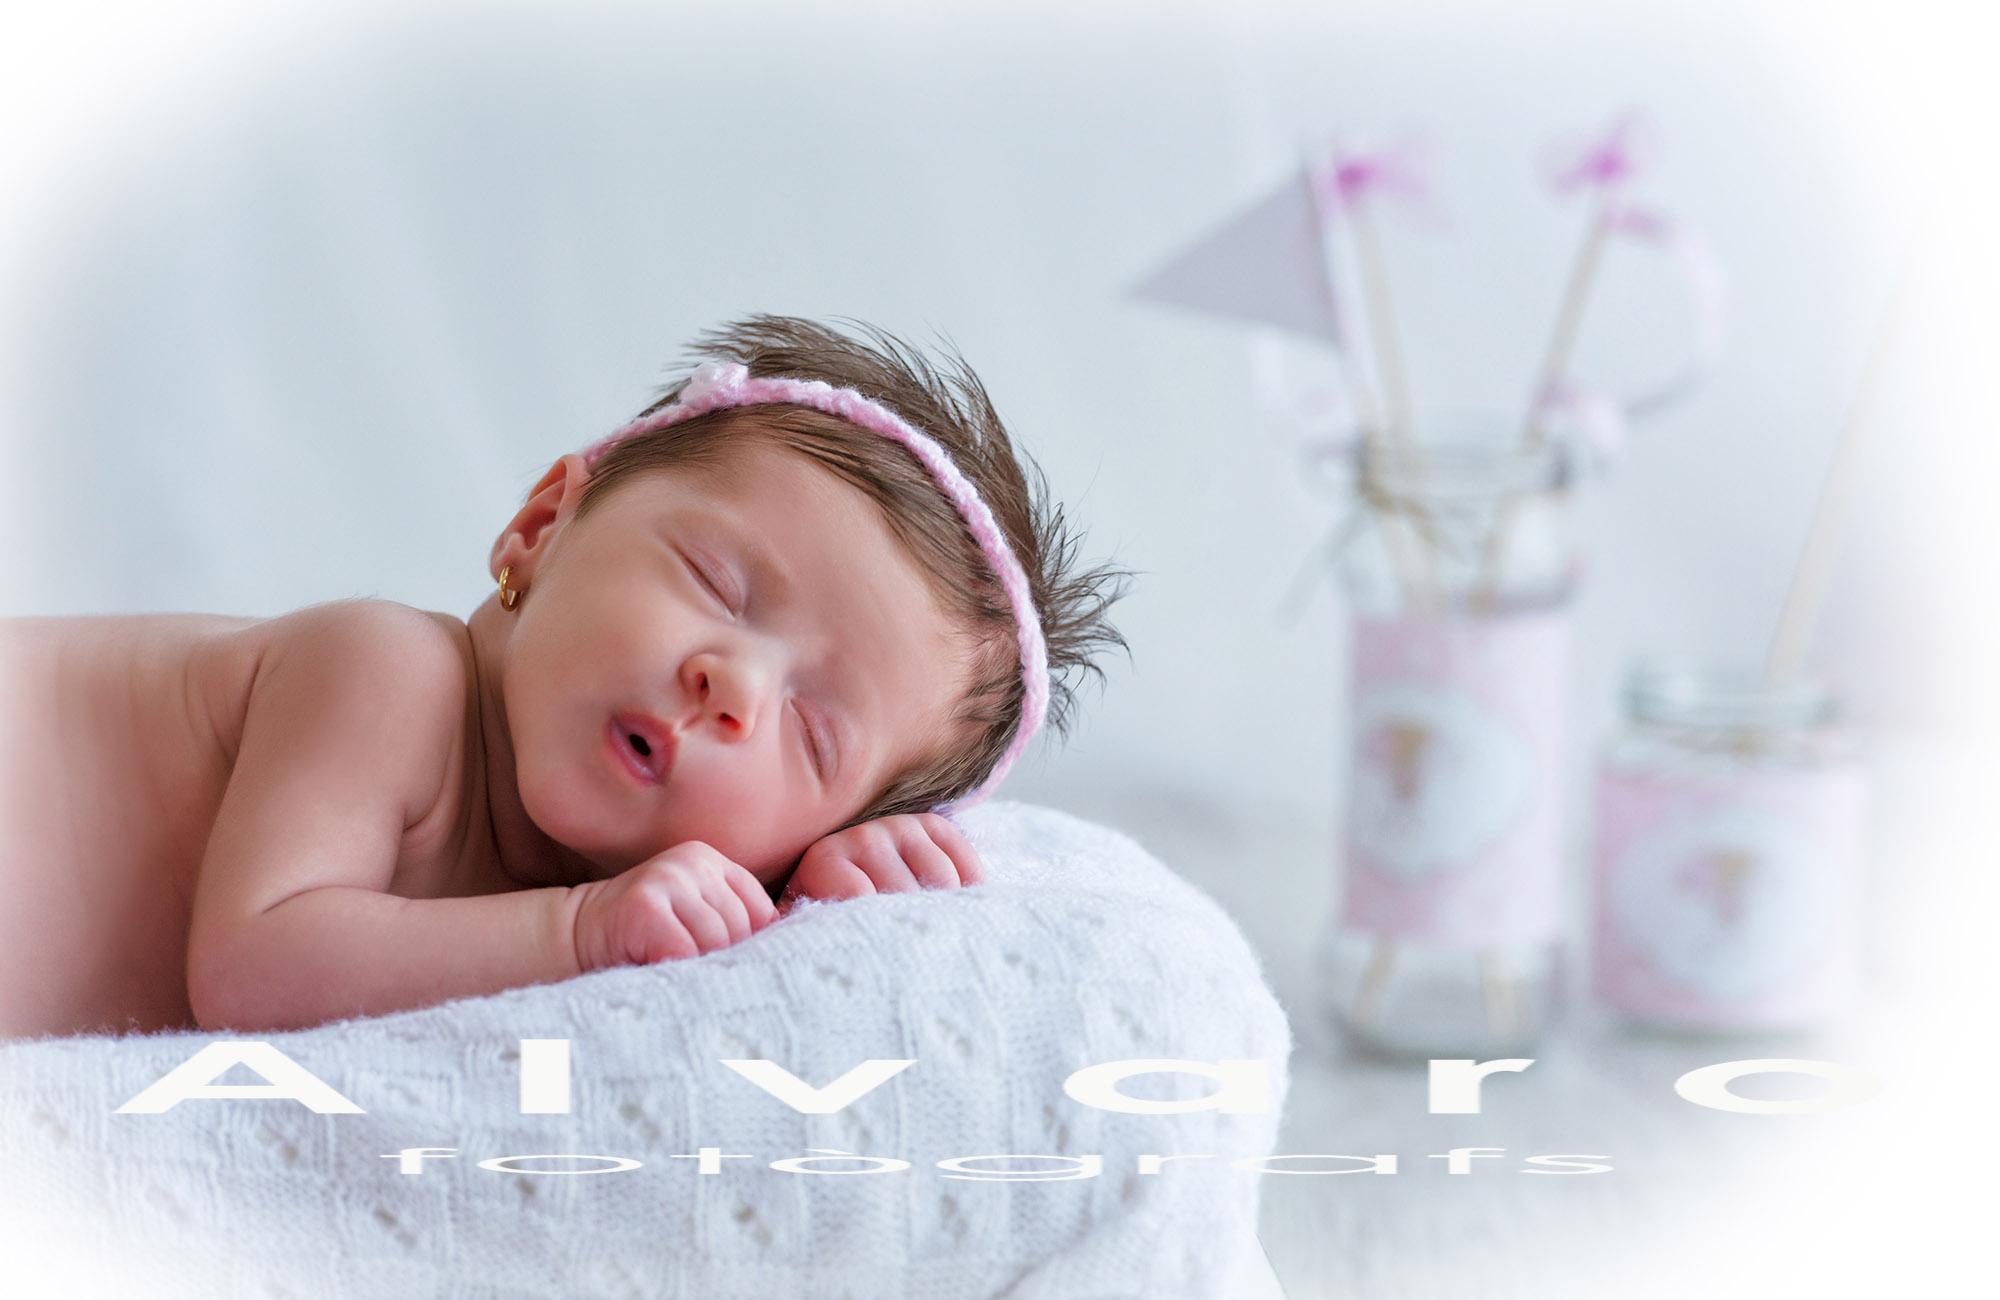 fotos bebe durmiendo